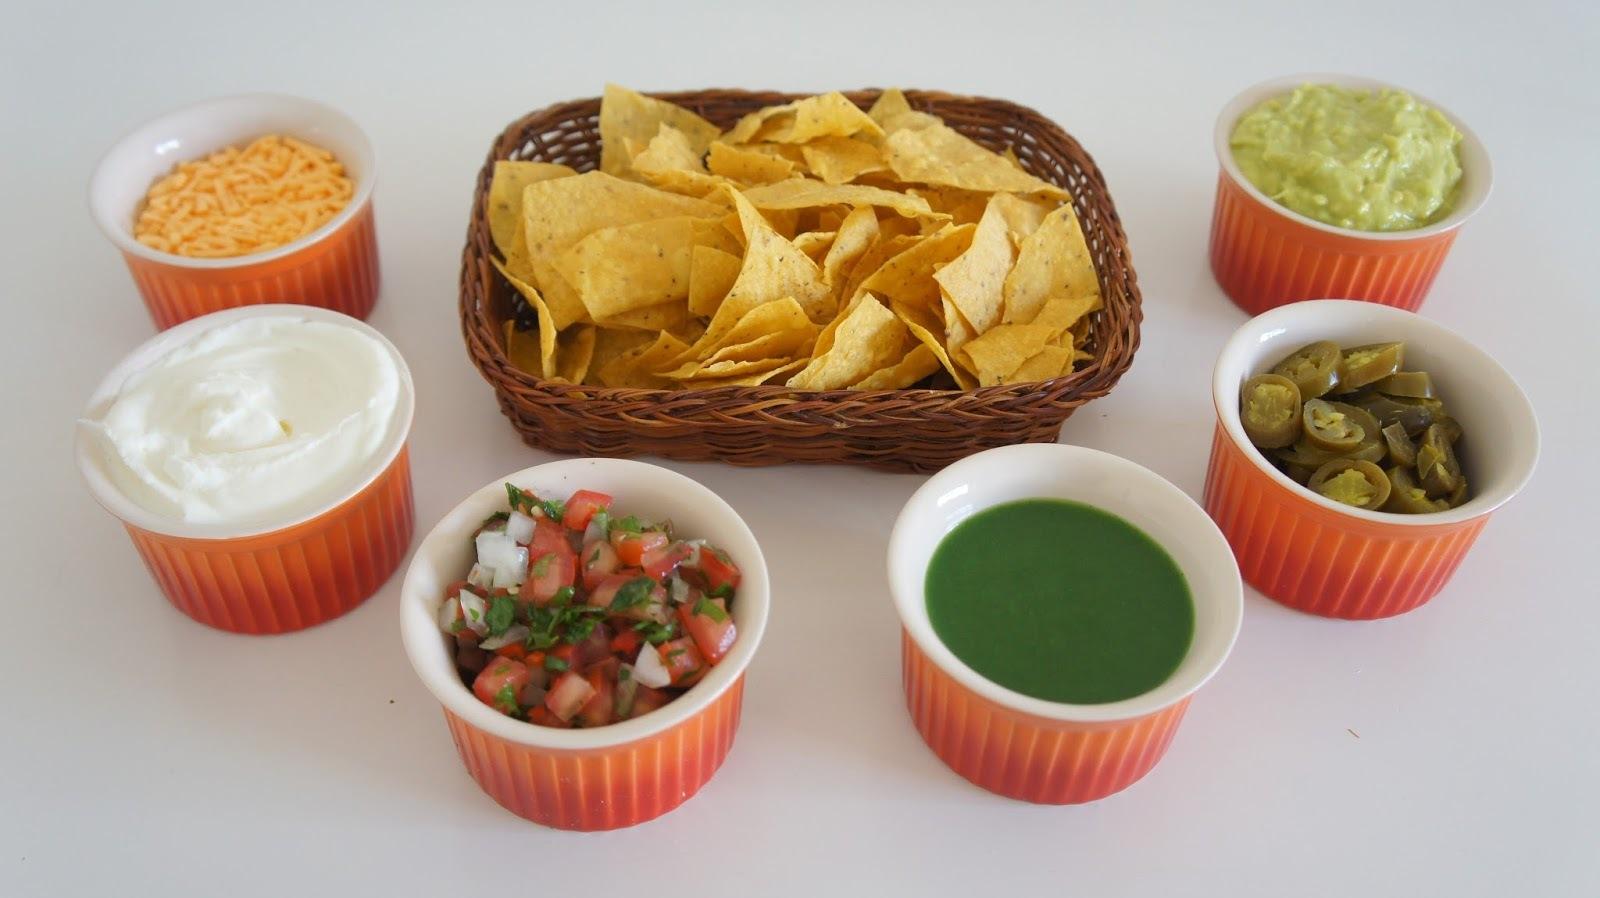 taco comida mexicana com doritos